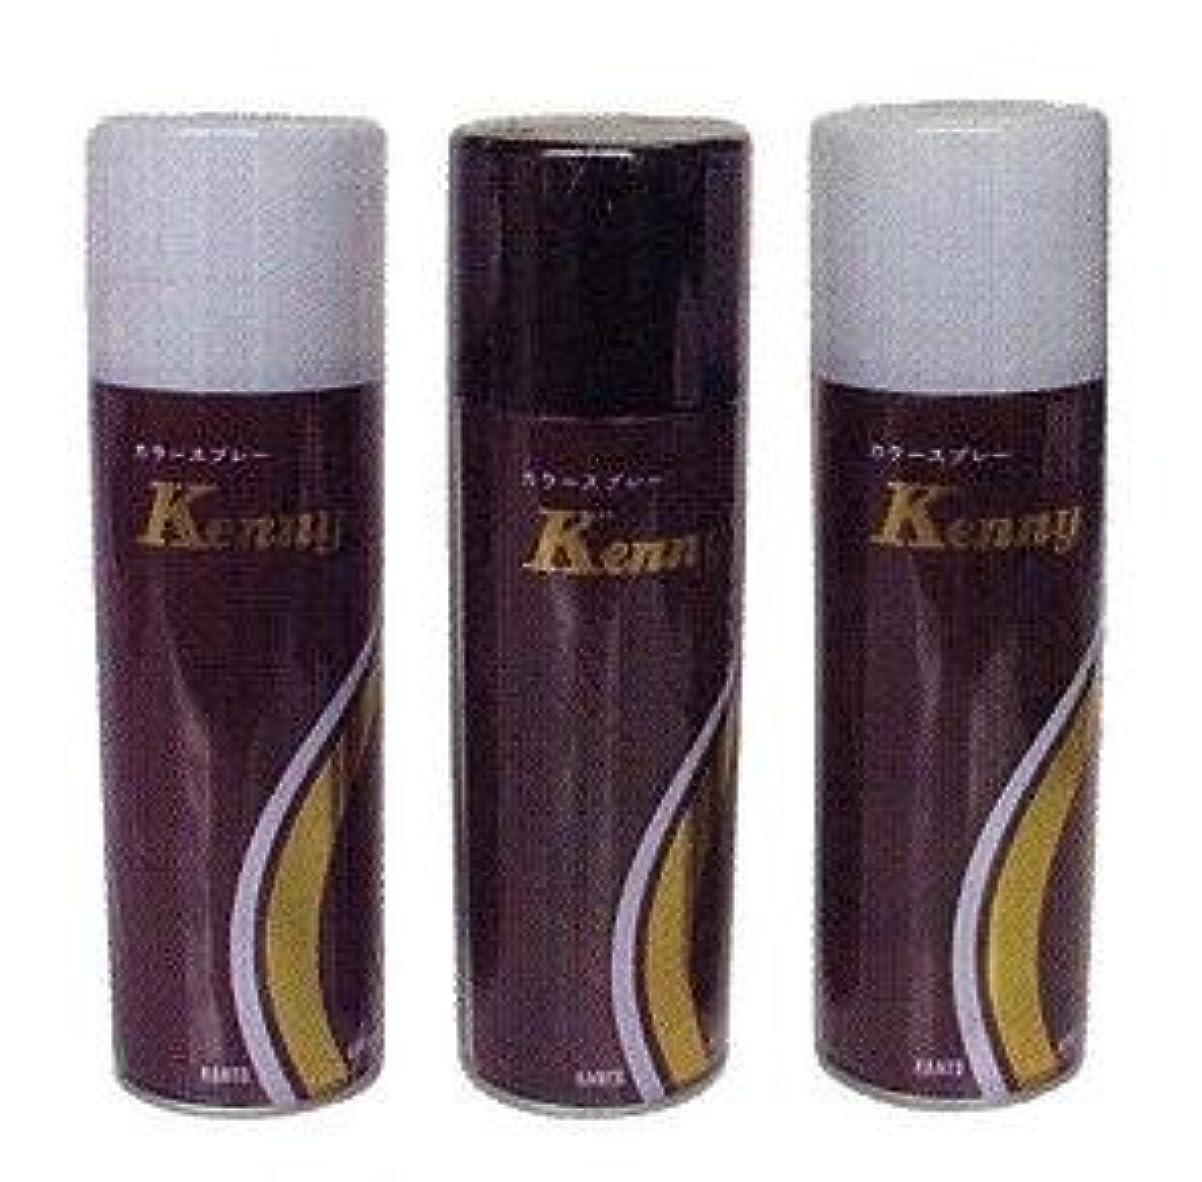 ケニーカラースプレーL 125g 黒茶 (ダークブラウン)